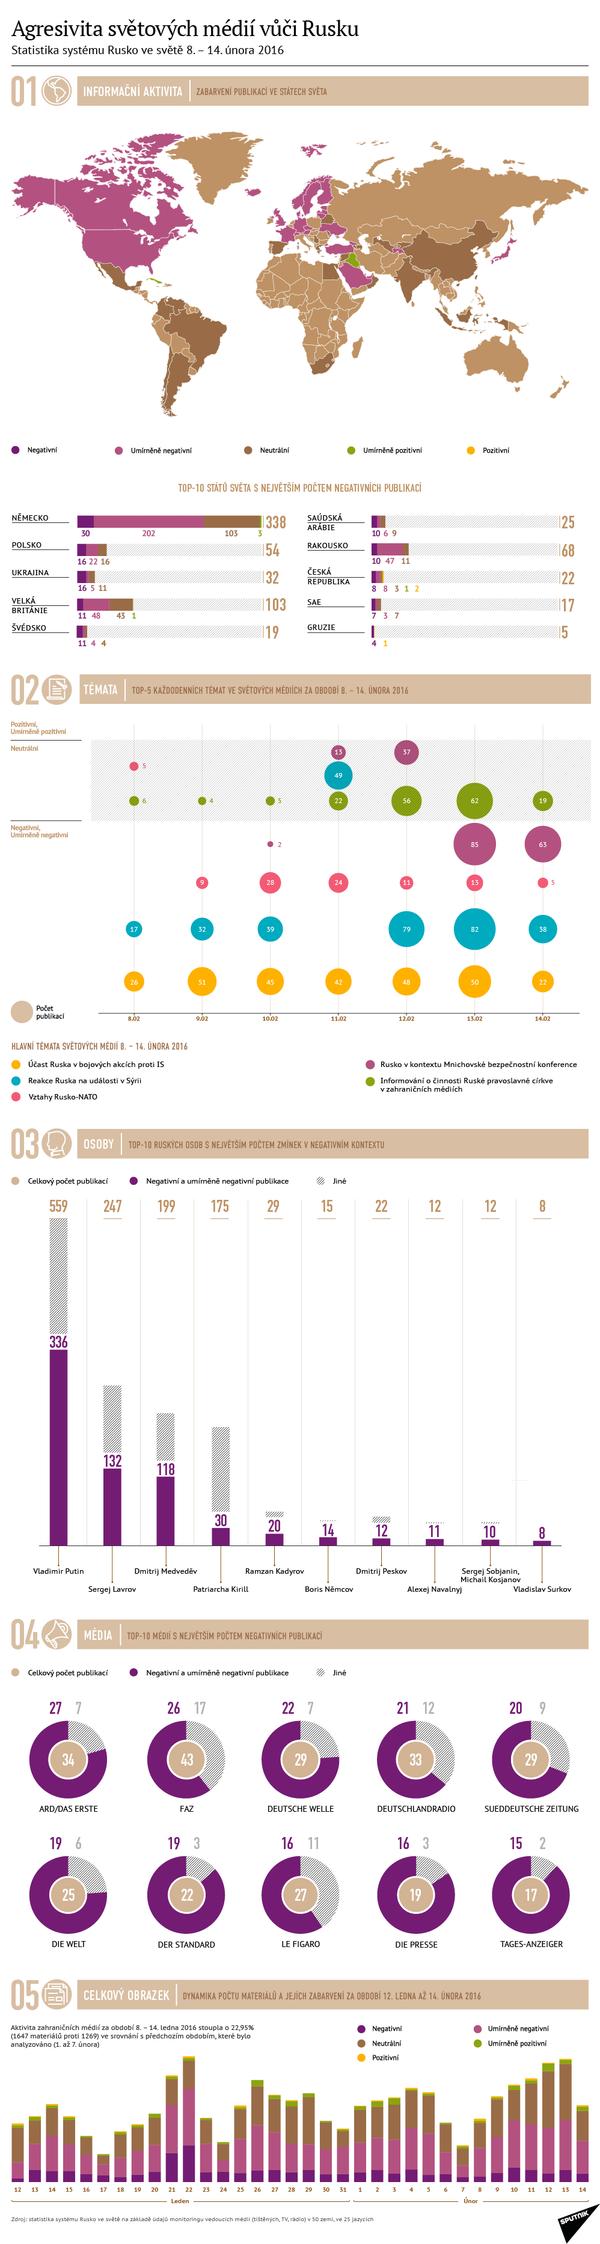 Agresivita světových médií vůči Rusku - Sputnik Česká republika